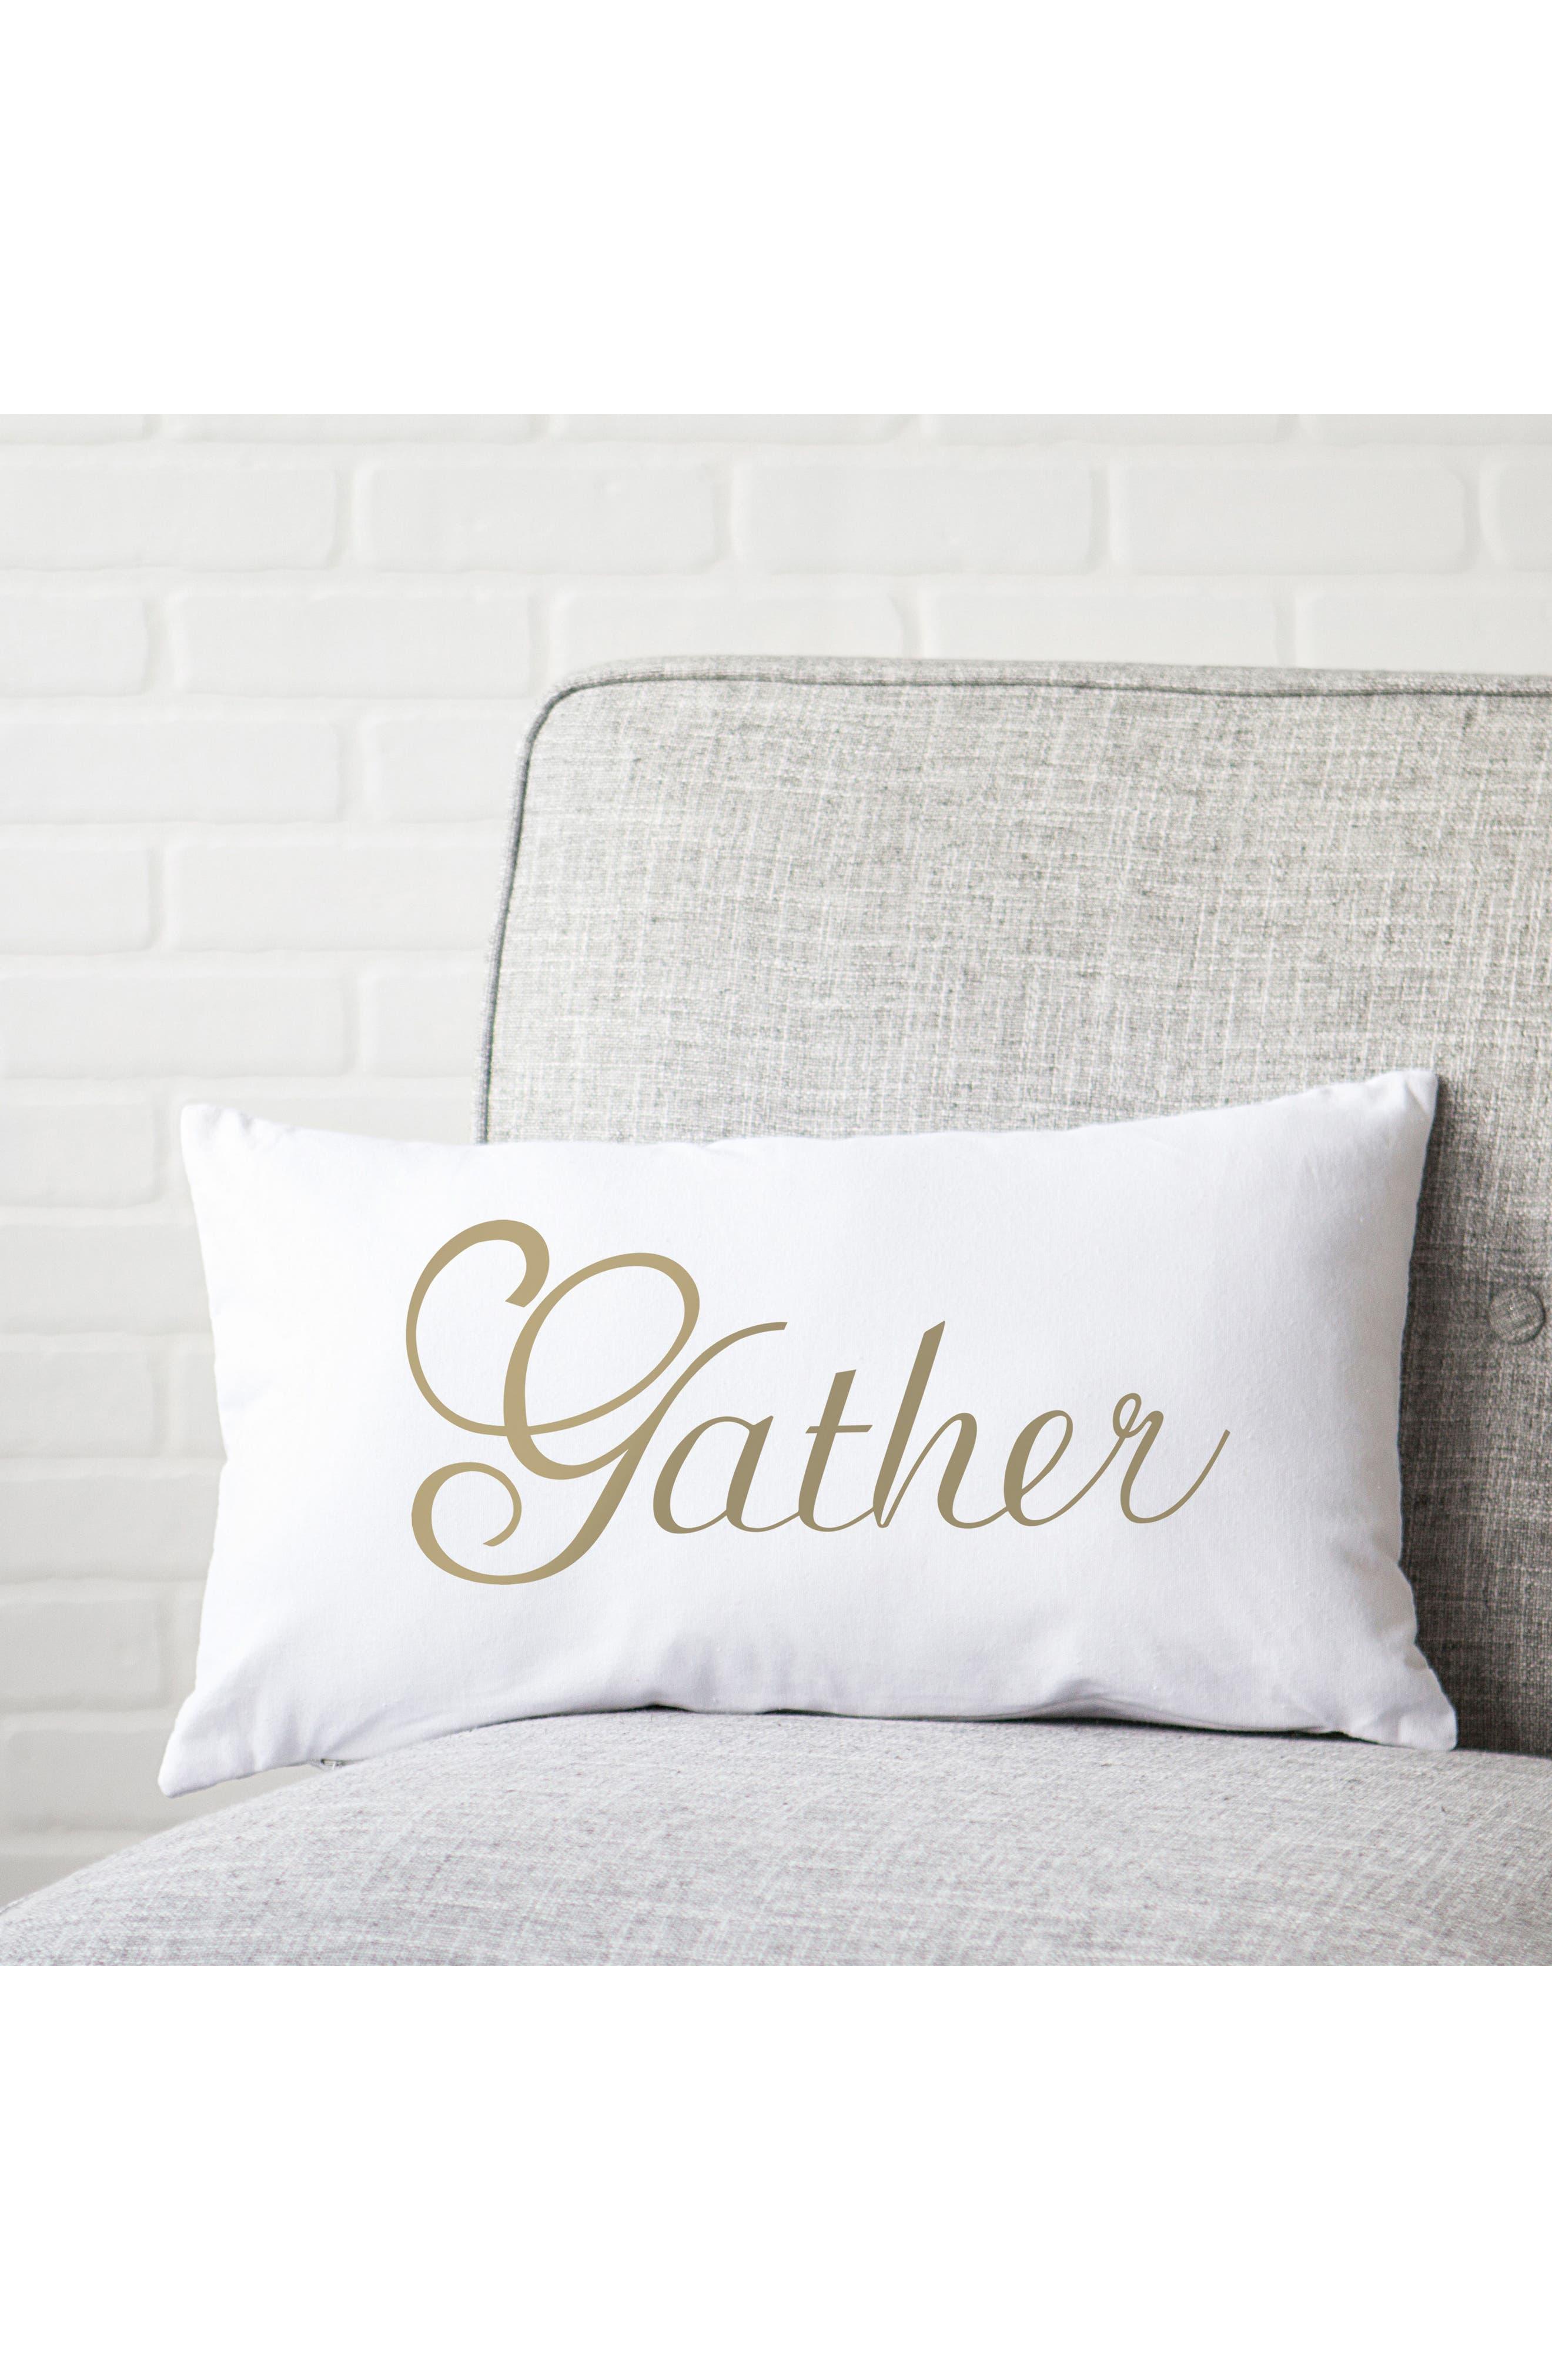 Gather Lumbar Accent Pillow,                             Alternate thumbnail 6, color,                             710